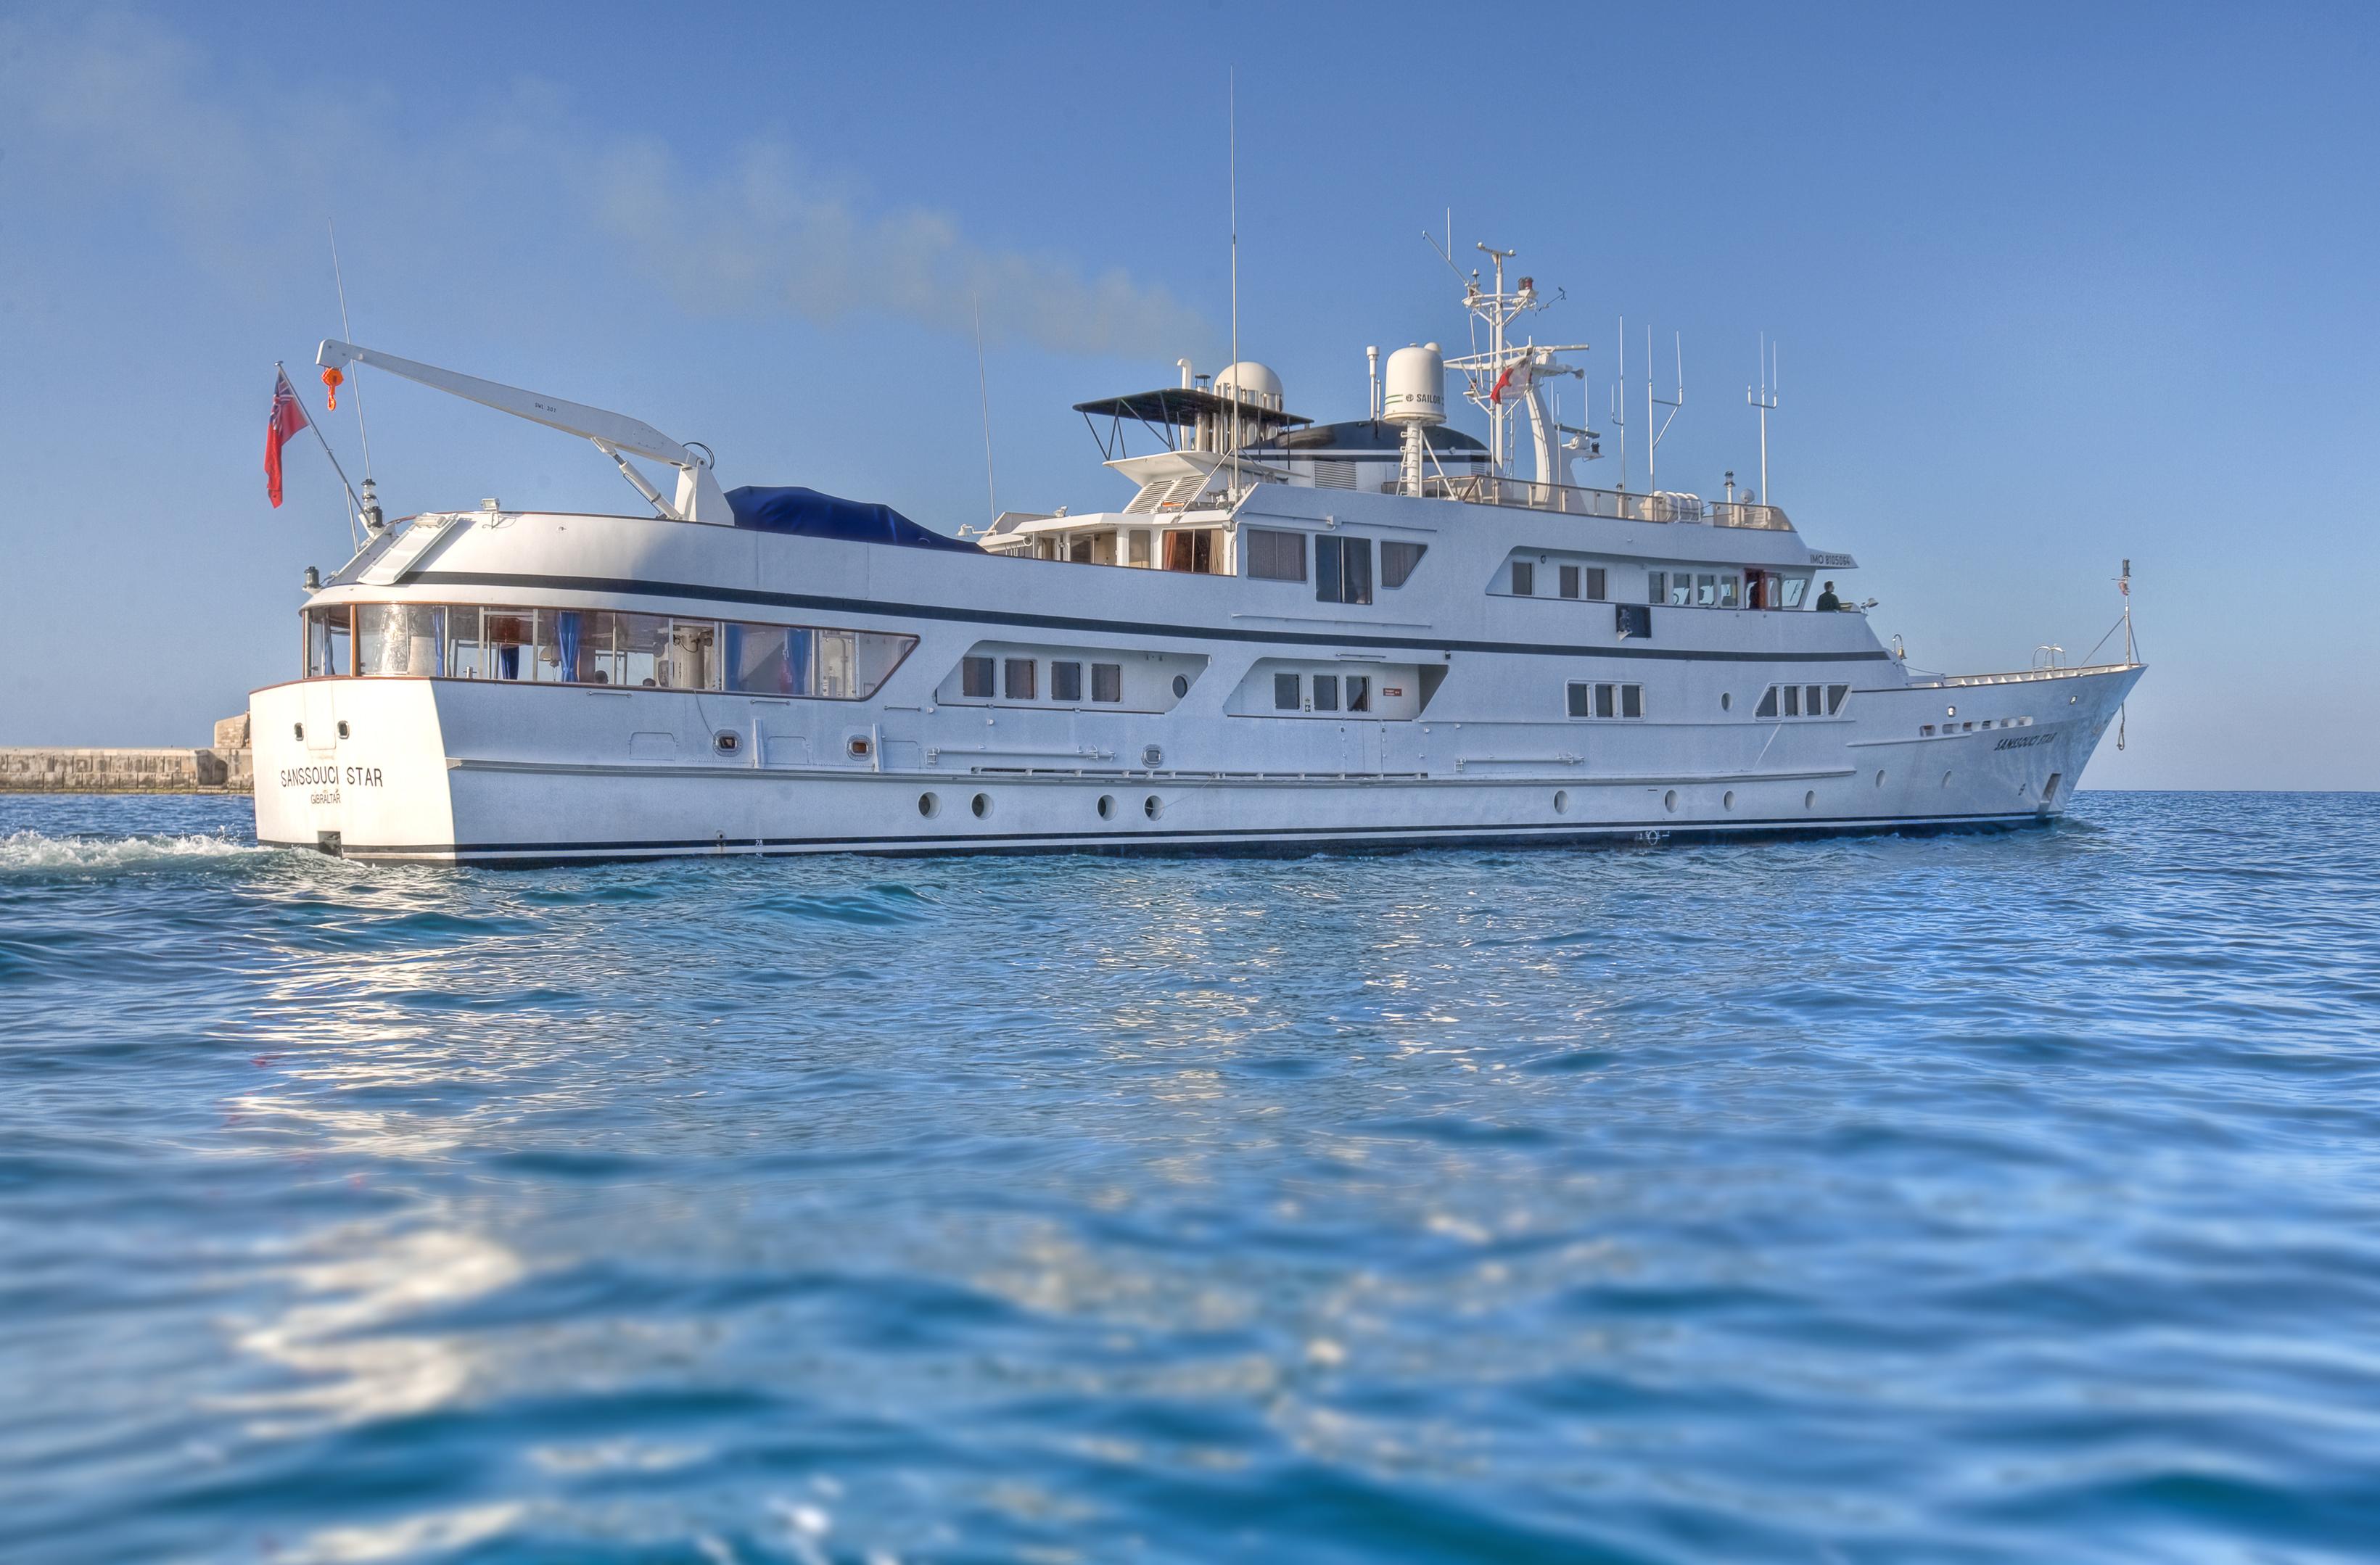 Yacht SANSSOUCI STAR - Underway